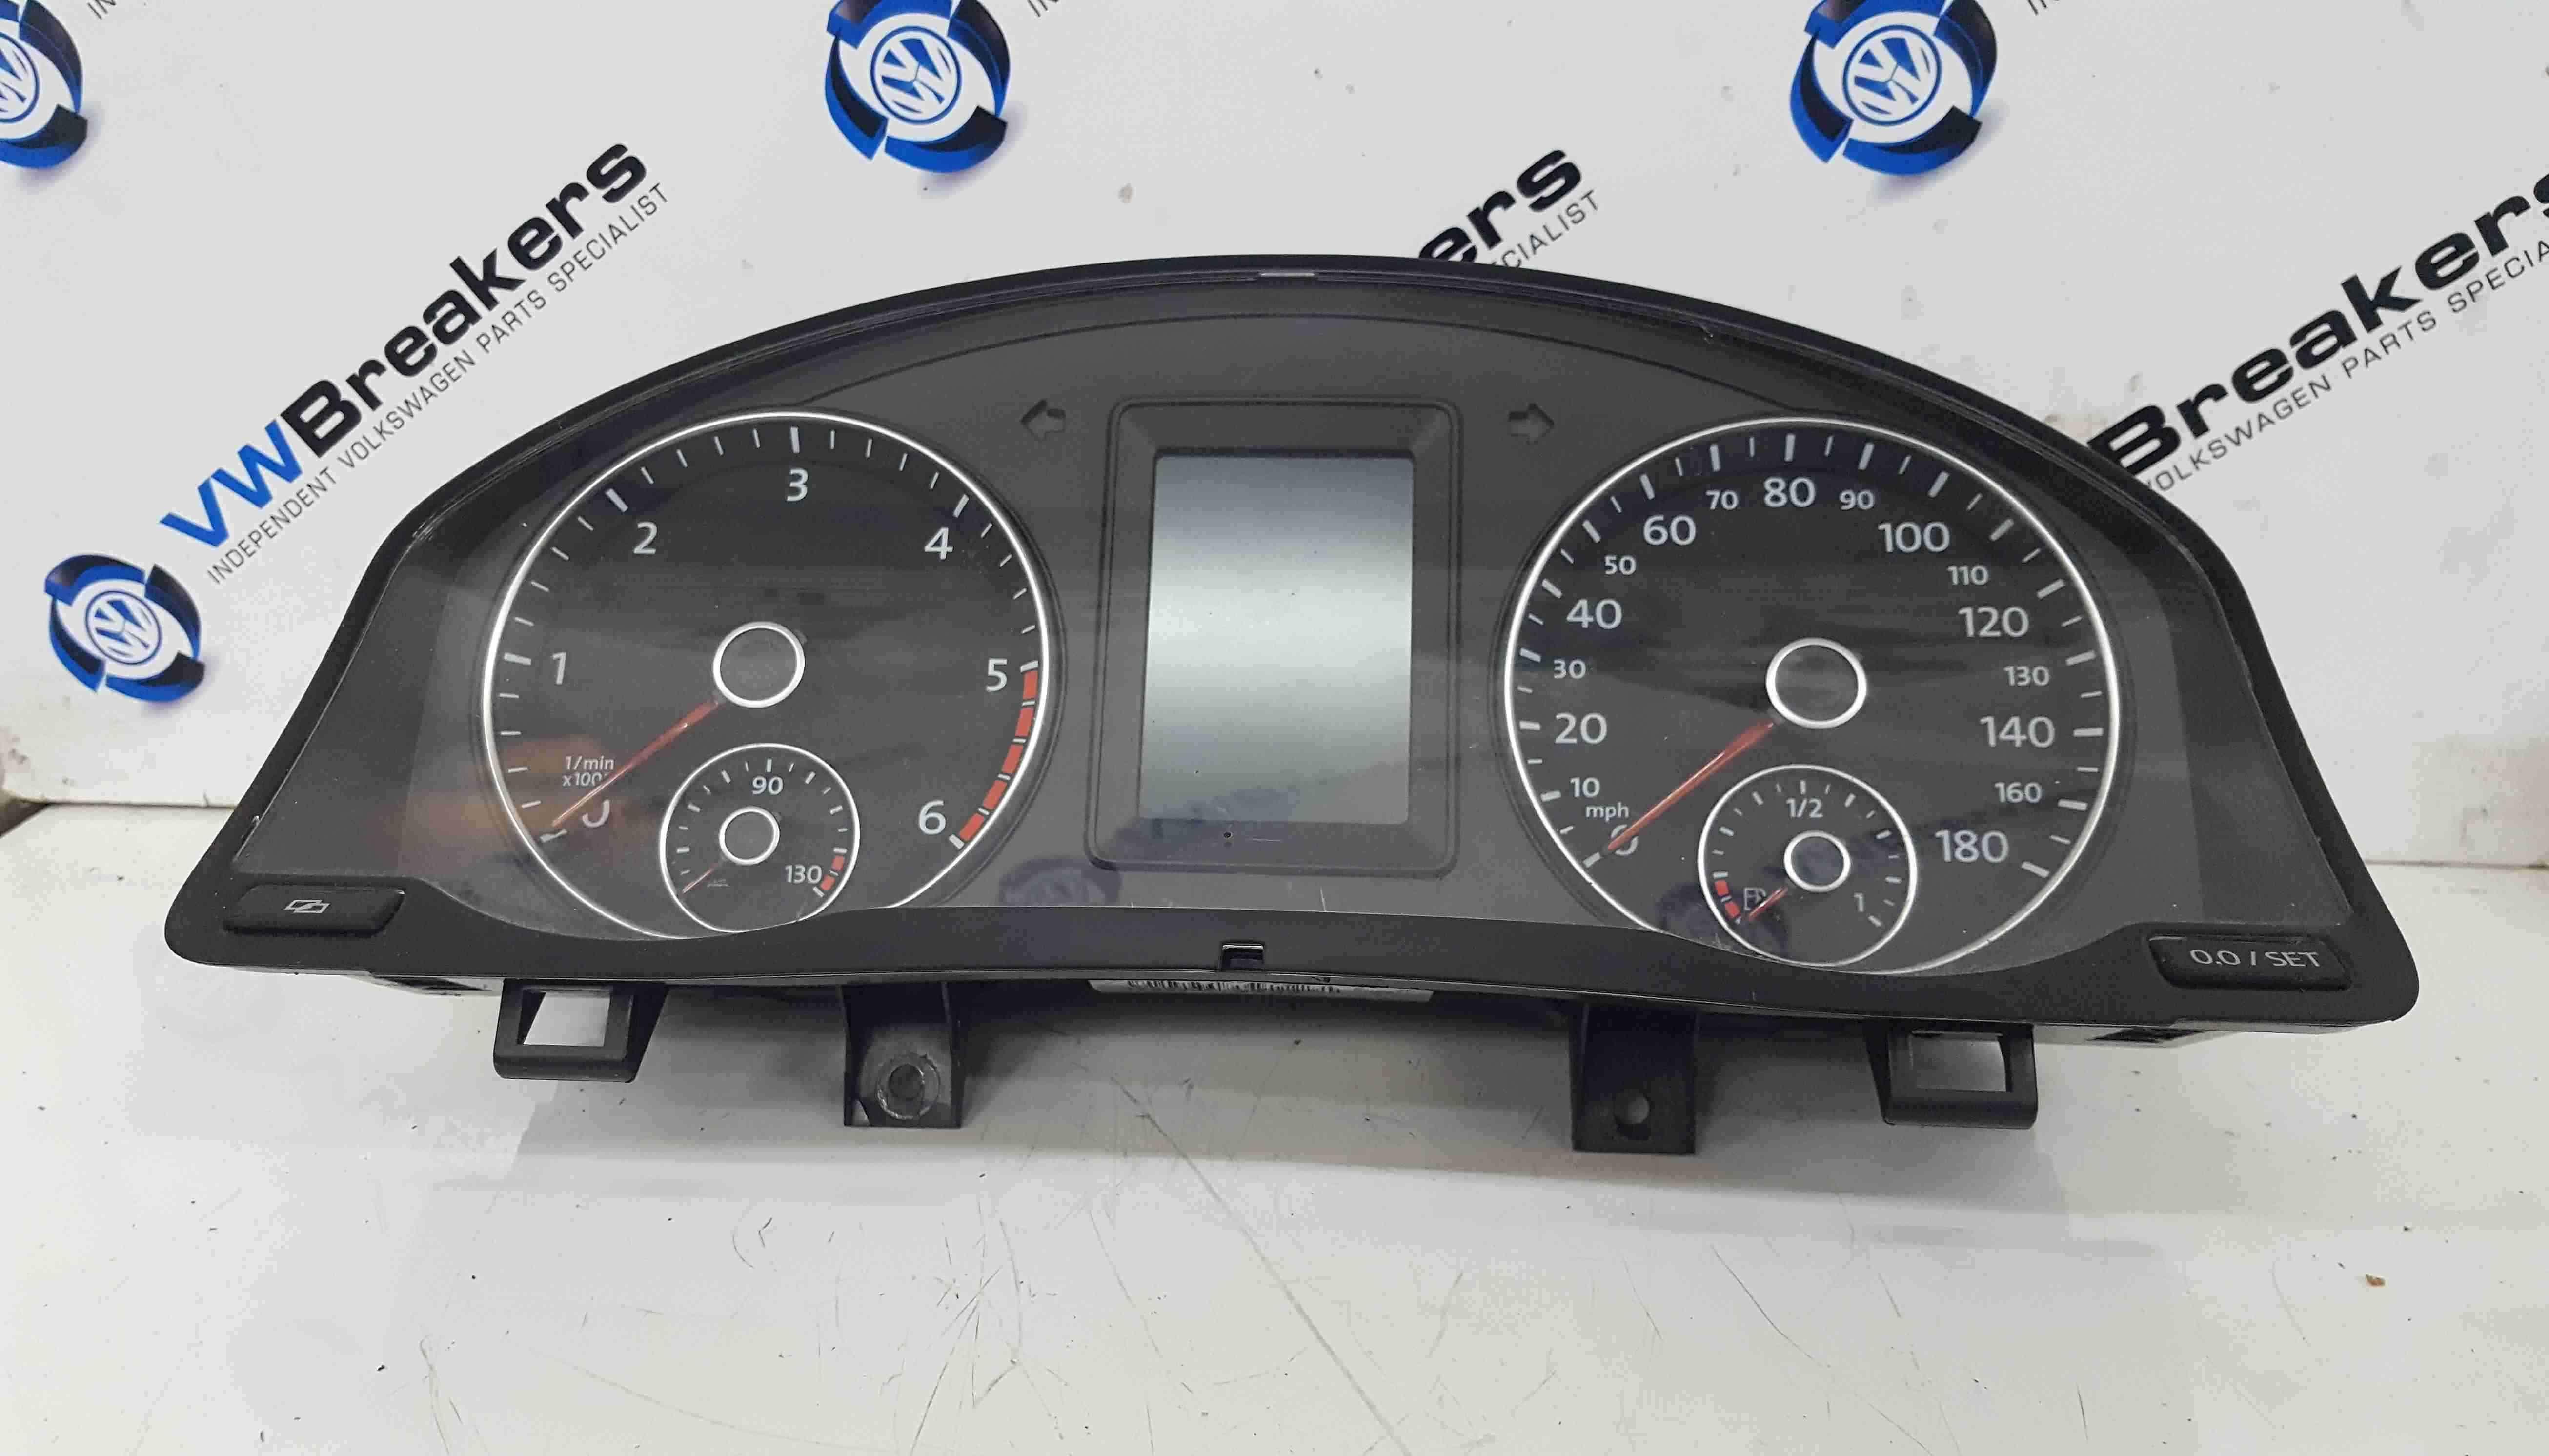 Volkswagen Scirocco 2008-2014 Instrument Panel Clocks Dials Cluster 95K